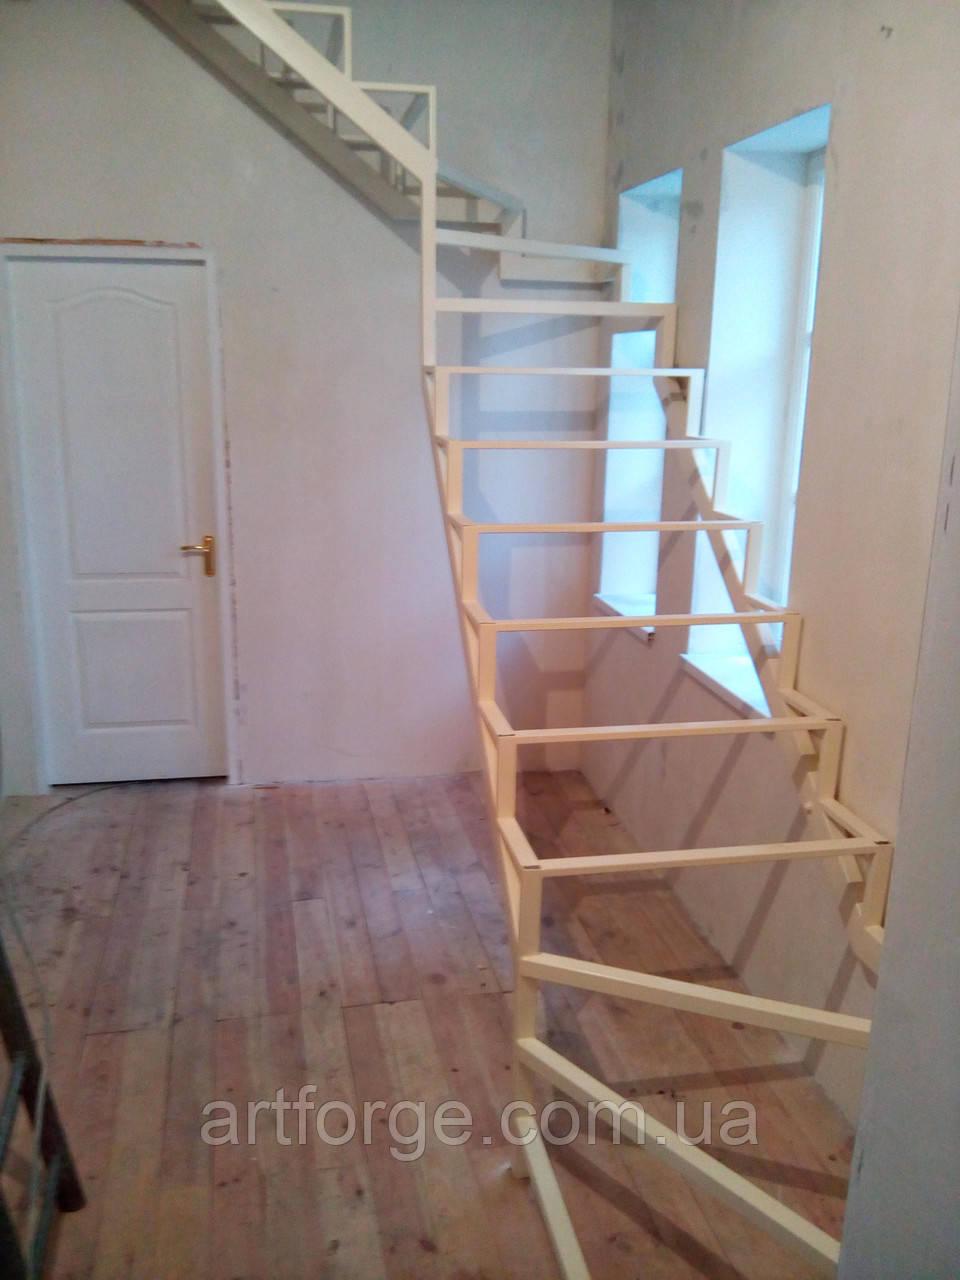 Каркас открытой лестницы в квартиру или дом. Открытая лестница в стиле Хай-Тек